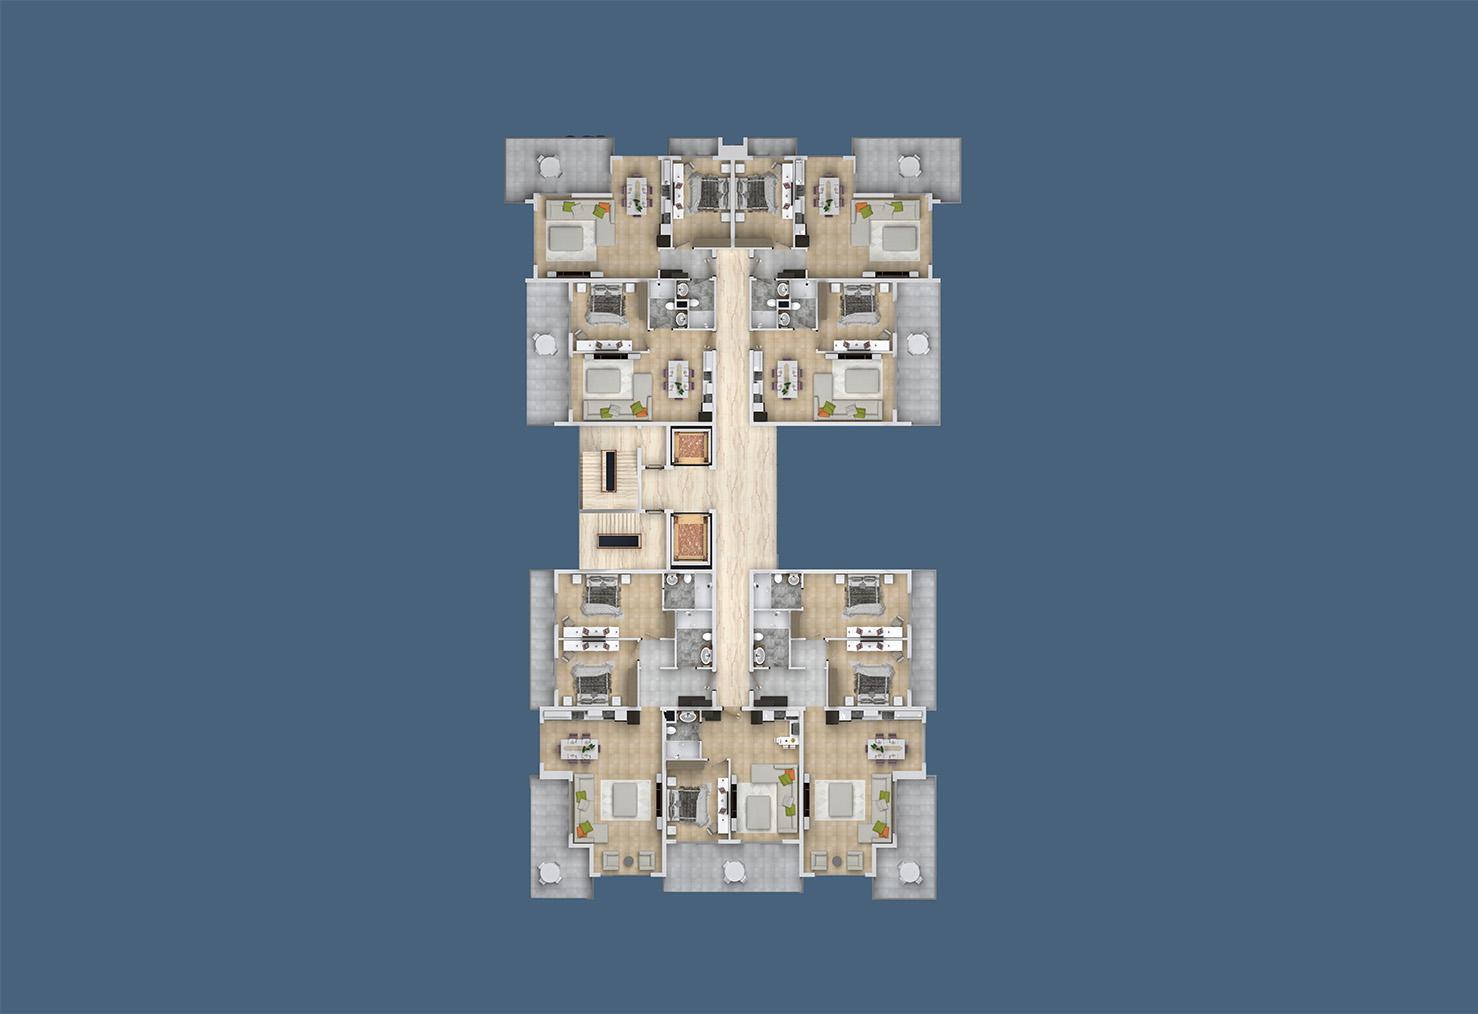 План расположения квартир 3 этаж D Yekta Kingdom Trade Center